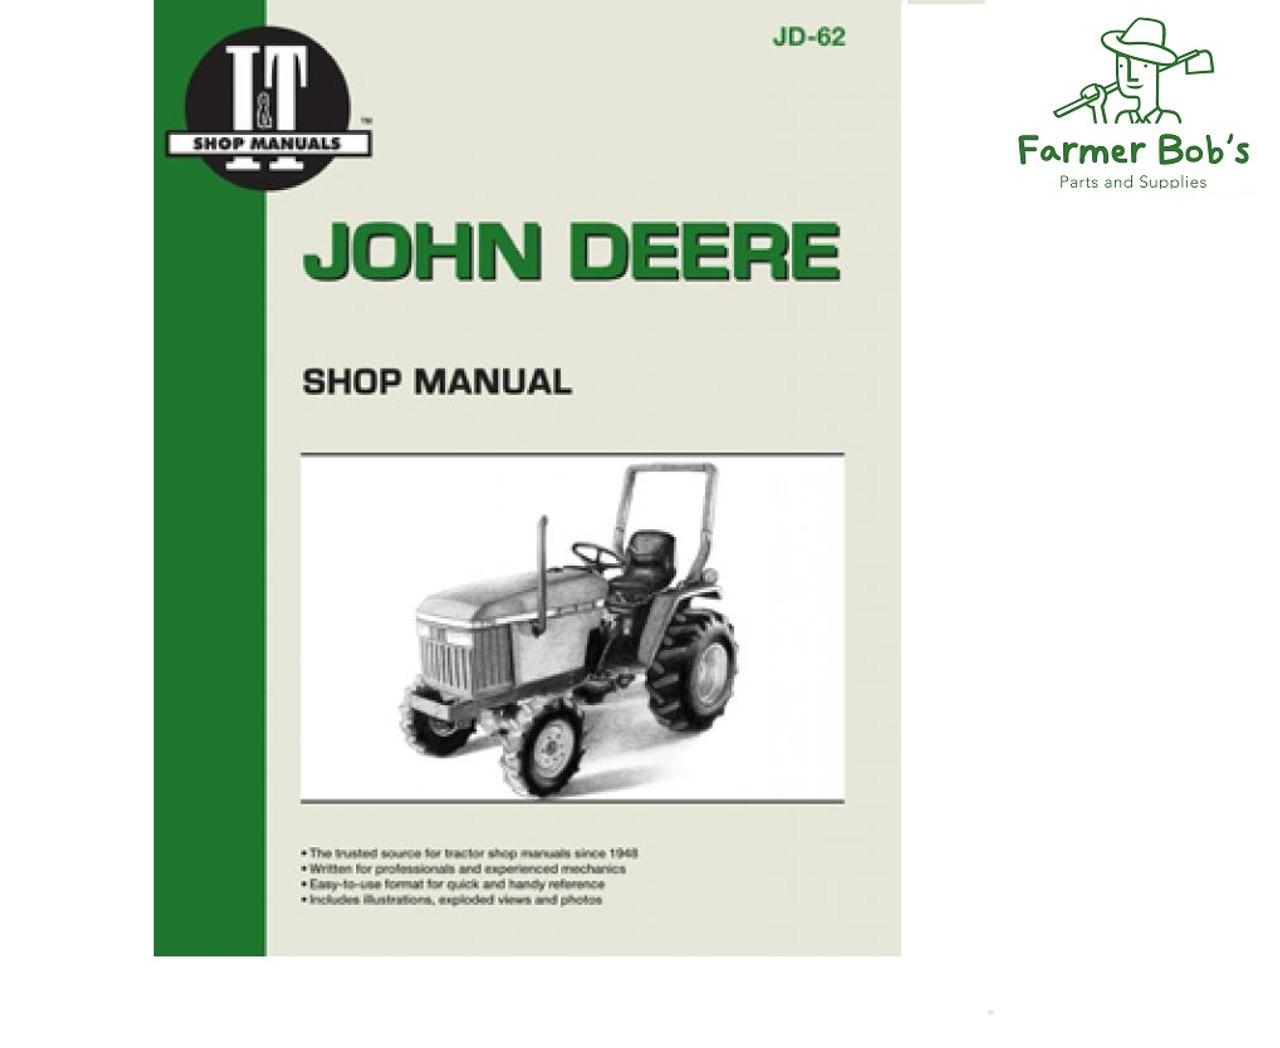 JD62 - I&T Shop Manuals John Deere 670, 770, 870, 970 and 1070 manual. -  Farmer Bobs Parts and Supplies LLCFarmer Bobs Parts